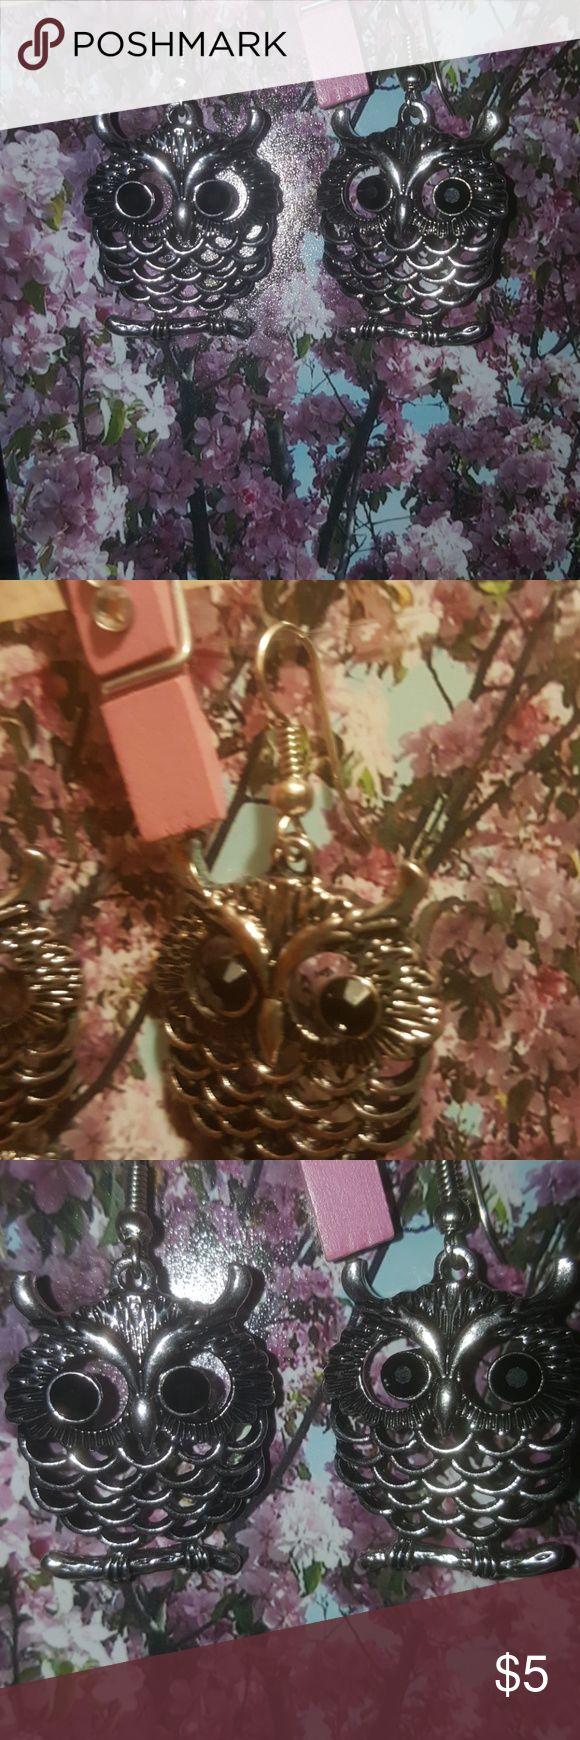 Owl Earrings Never worn. Silver Owl Earrings. Jewelry Earrings